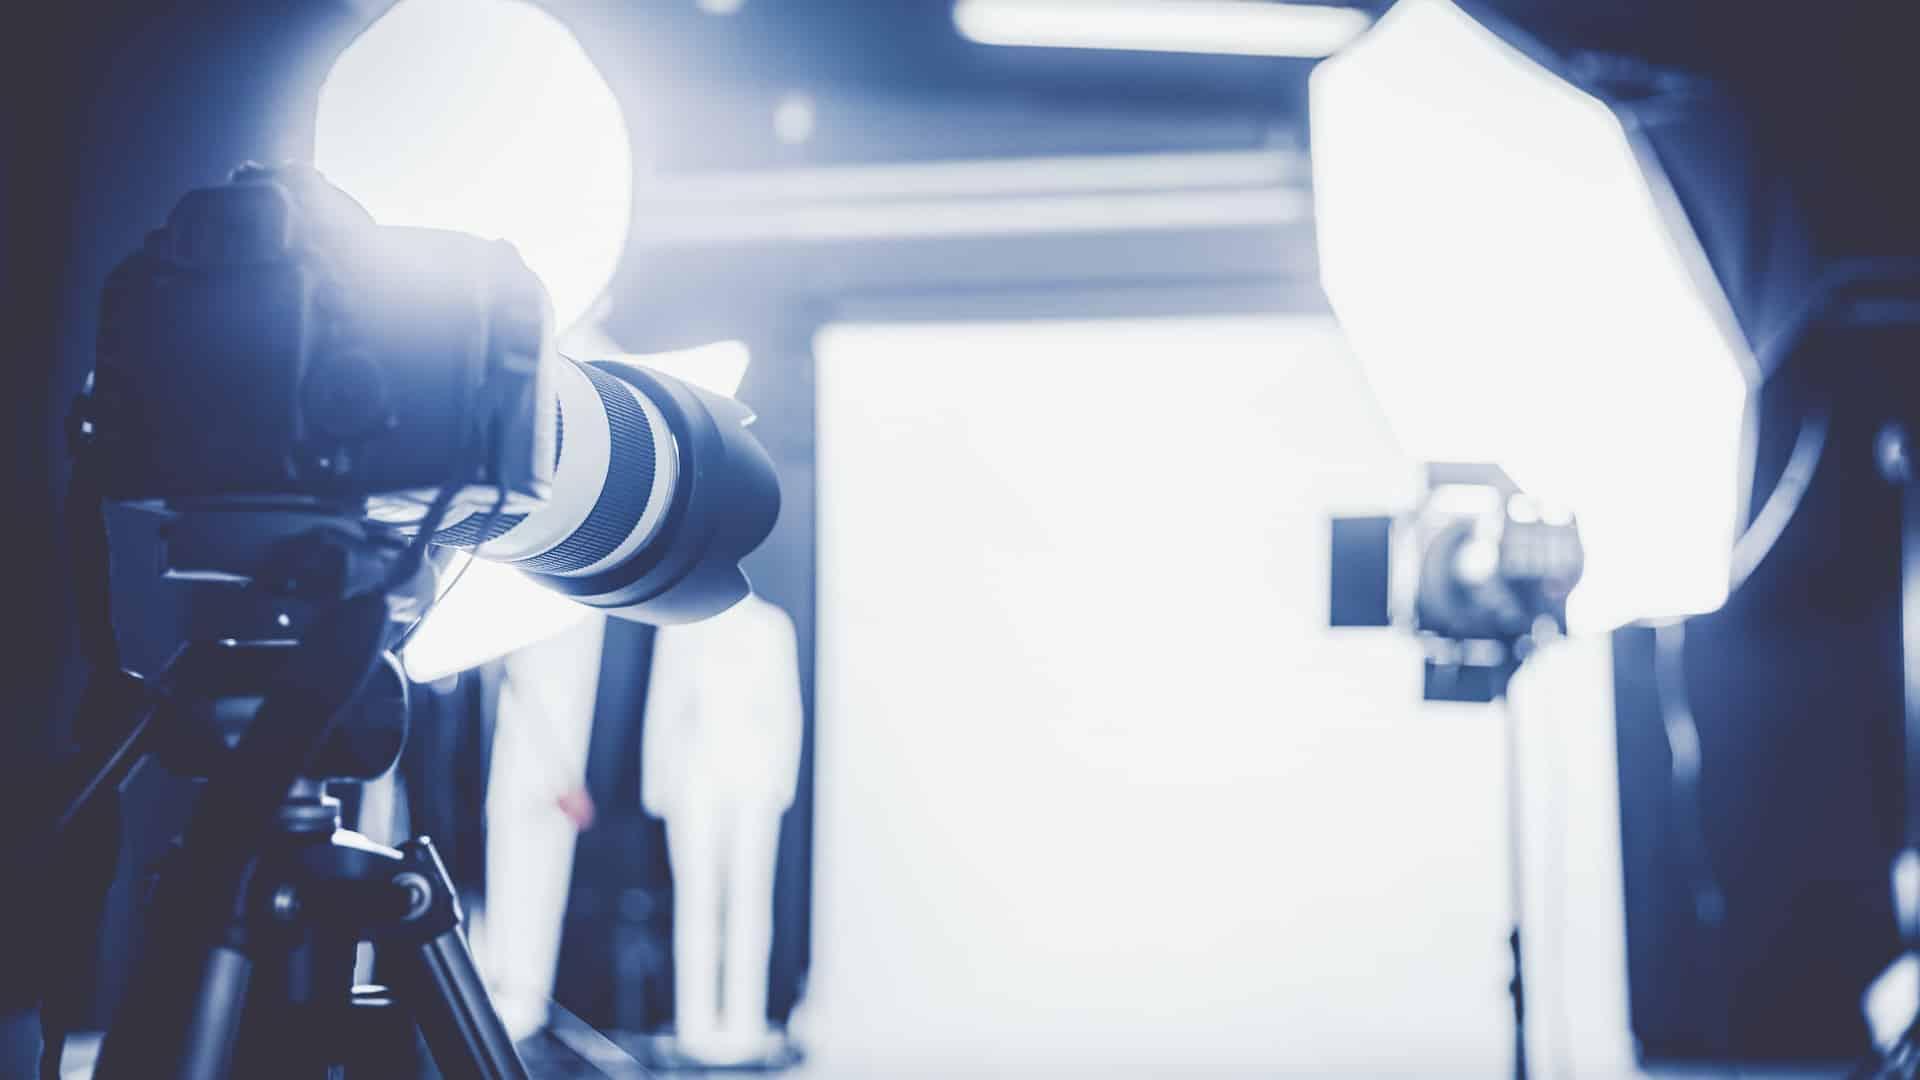 Production audiovisuel Tournage video nouvelle ere www.nouvelleereproduction 18